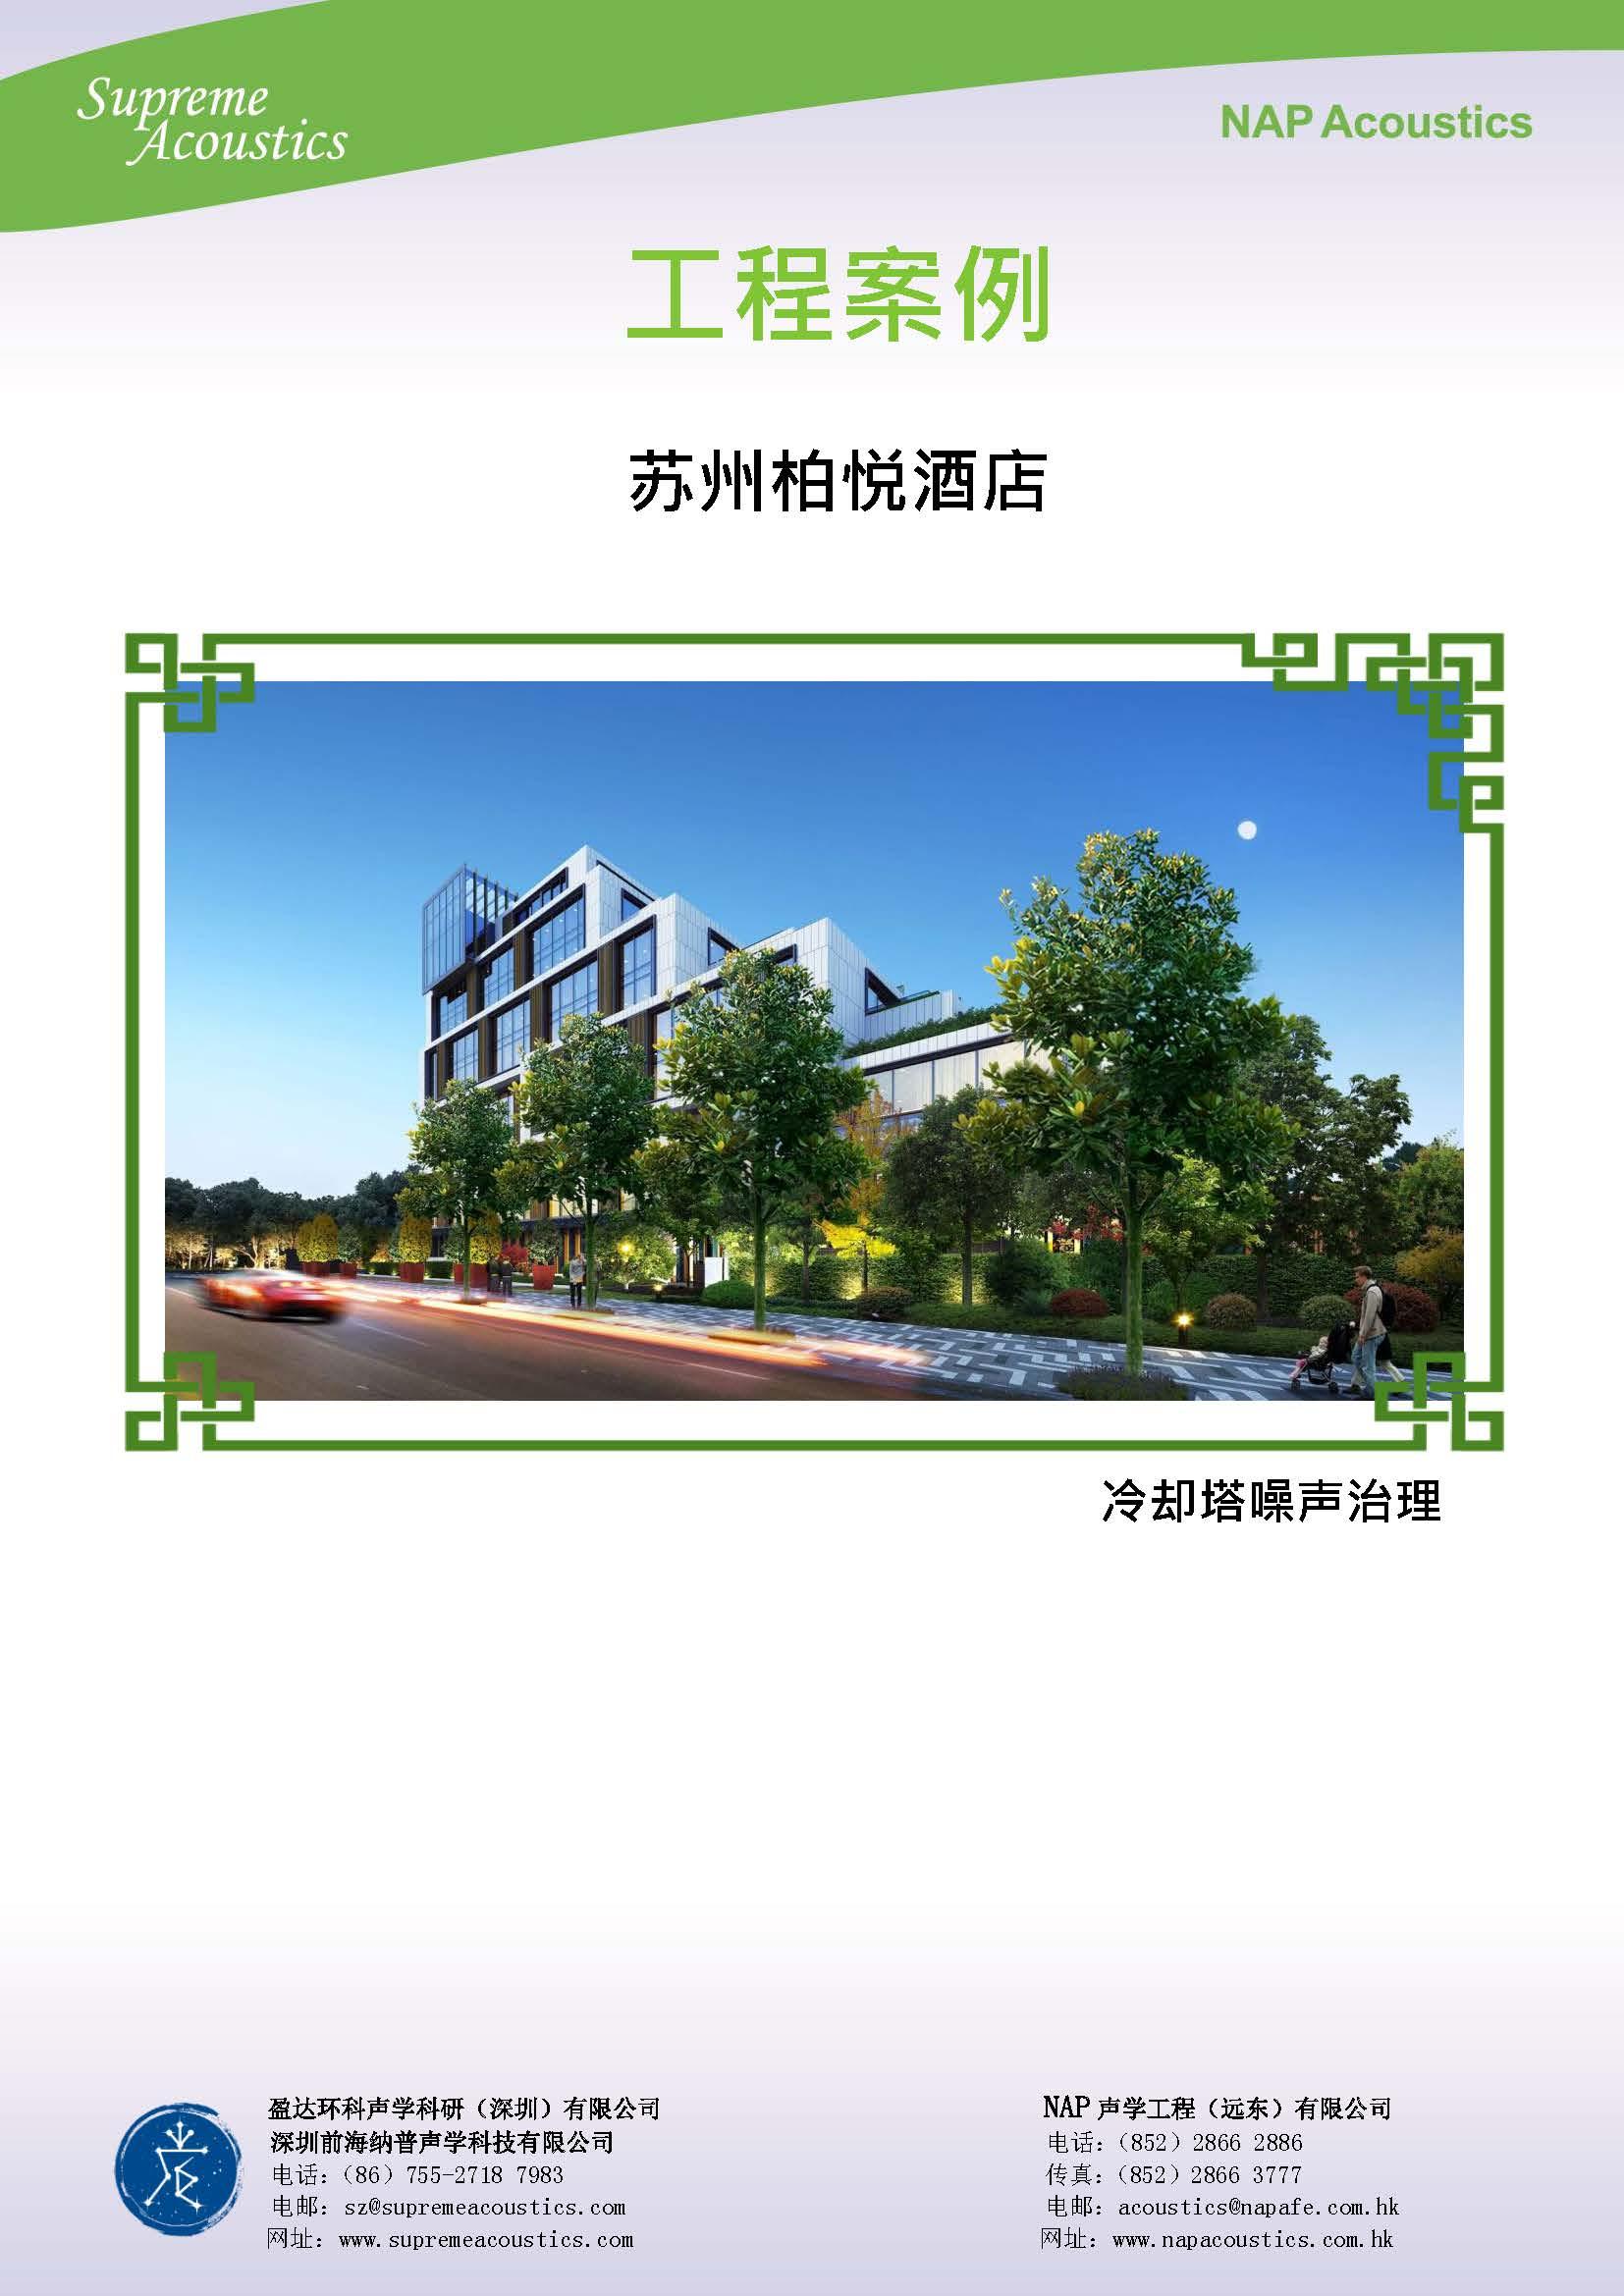 苏州柏悦酒店<br/> (酒店项目)